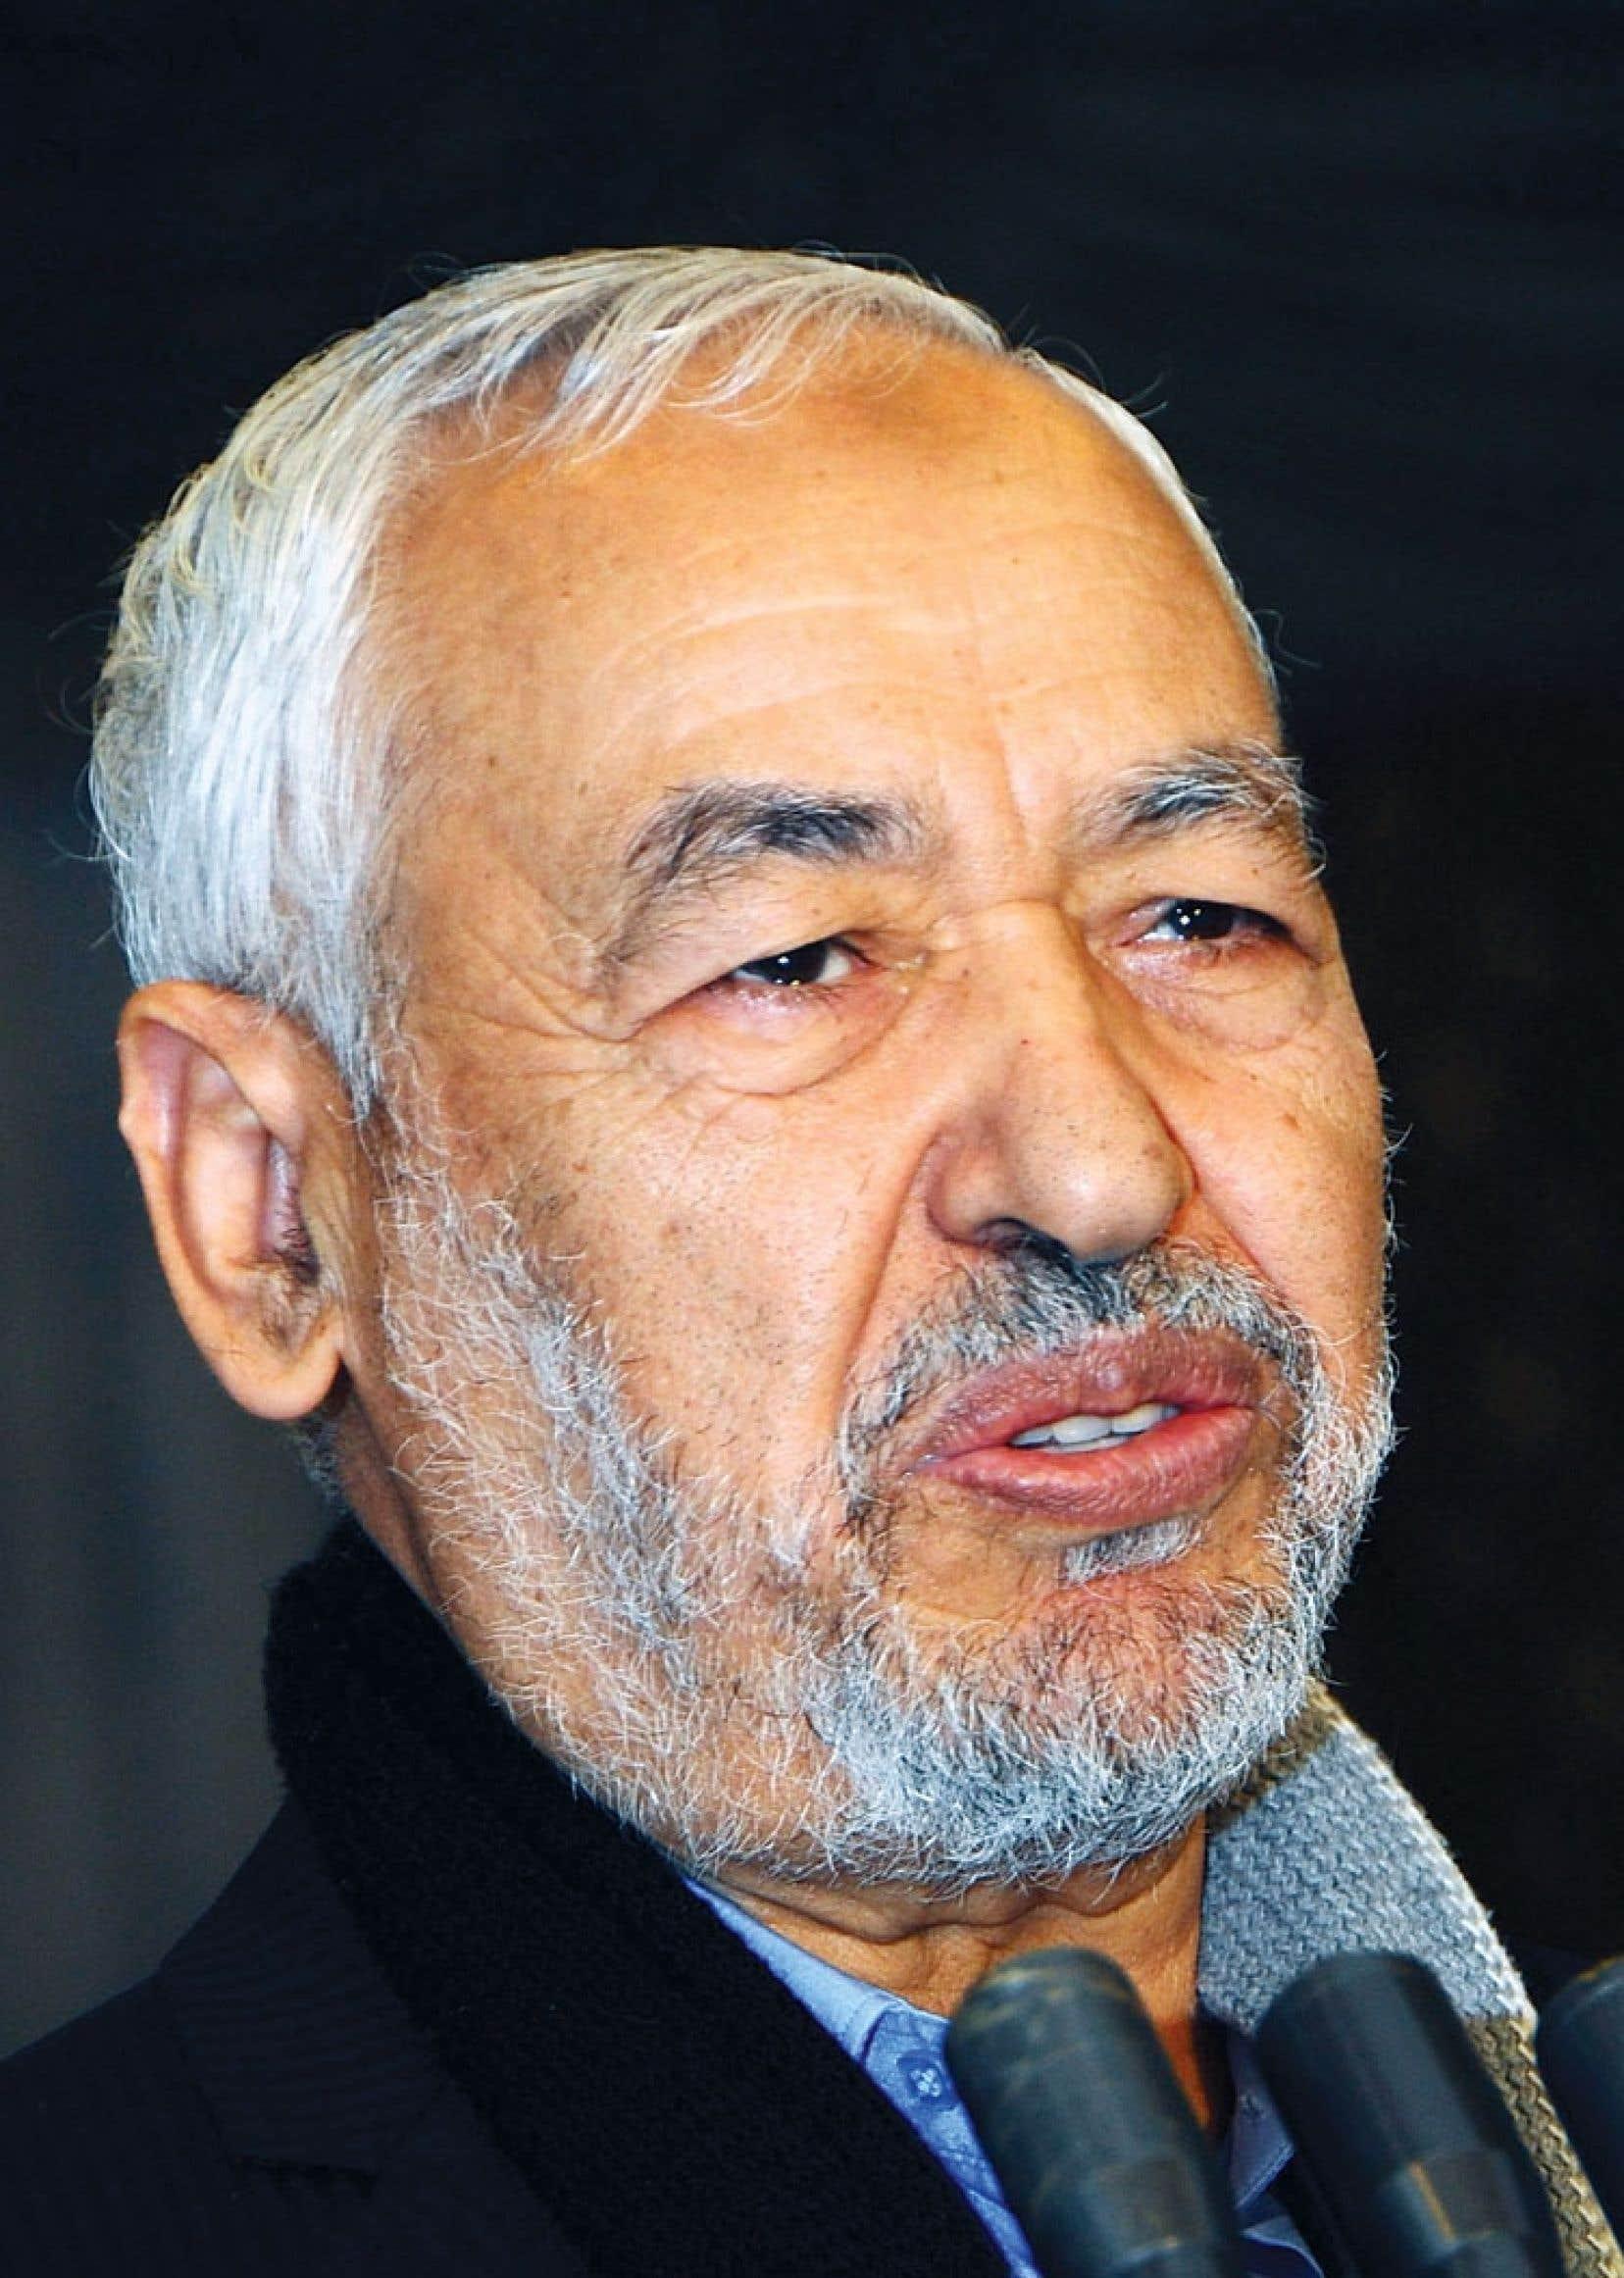 Le chef du parti islamiste Ennahda, Rached Ghannouchi